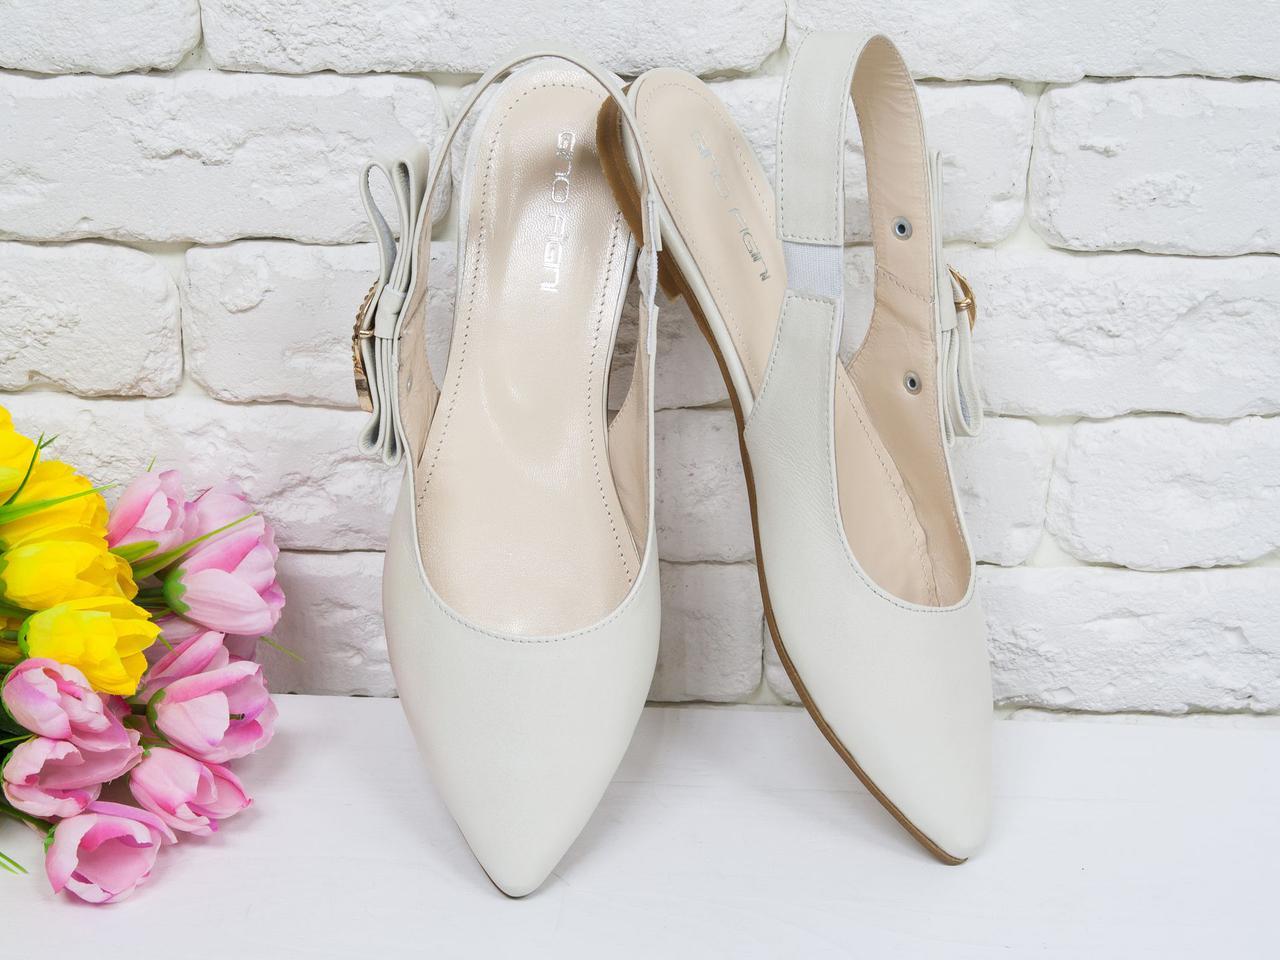 Туфли женские с открытой пяткой, натуральная кожа молочного цвета с блеском. С 36 по 41 р.